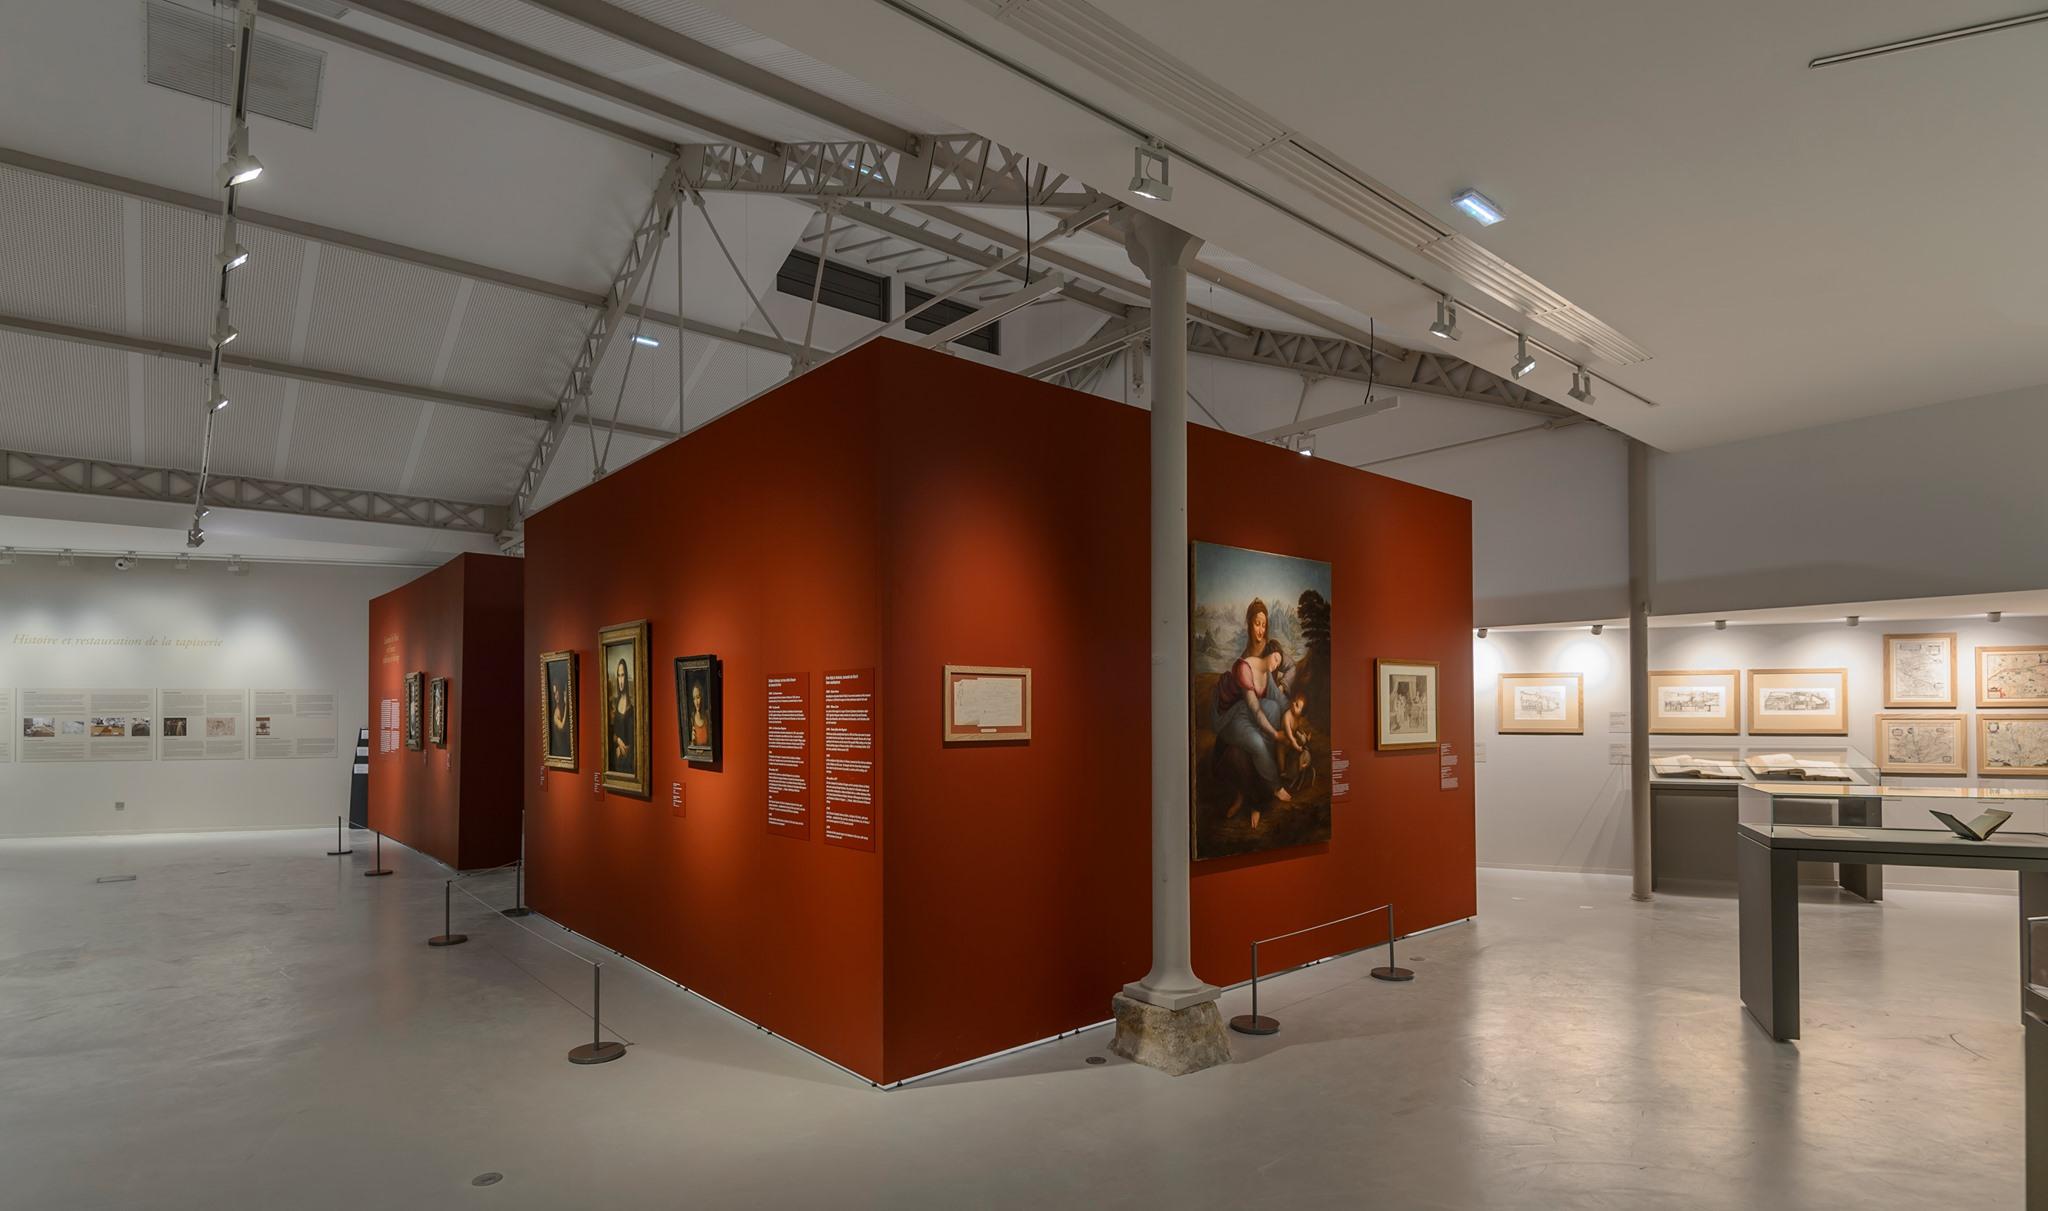 Ausstellungsraum mit Mila-wall Wandmodulen mit roter Oberflächenbeschichtung und Beleuchtungssystemen von MBA